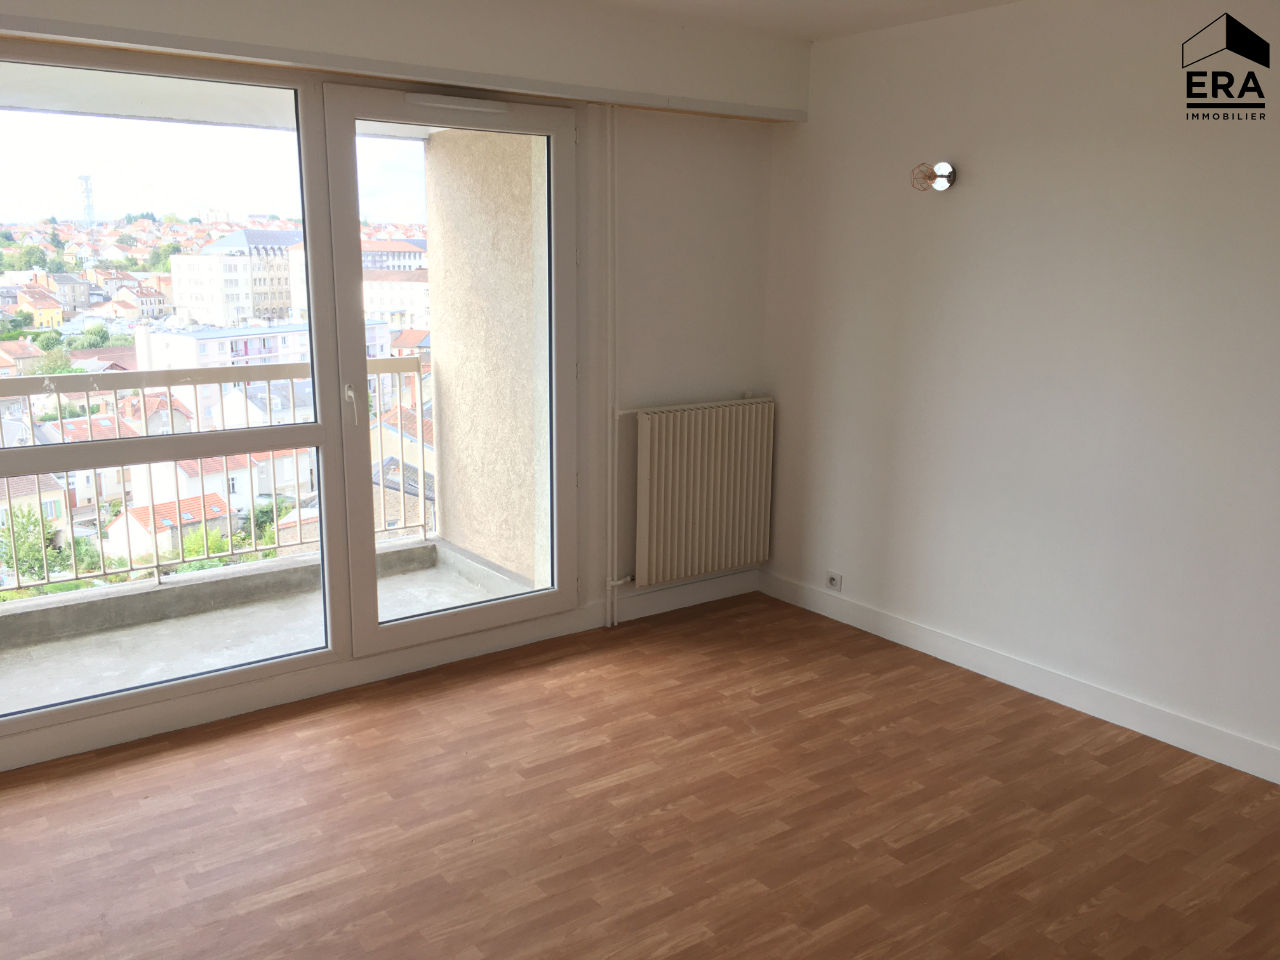 photo de A Louer LIMOGES Appartement  2 pièces